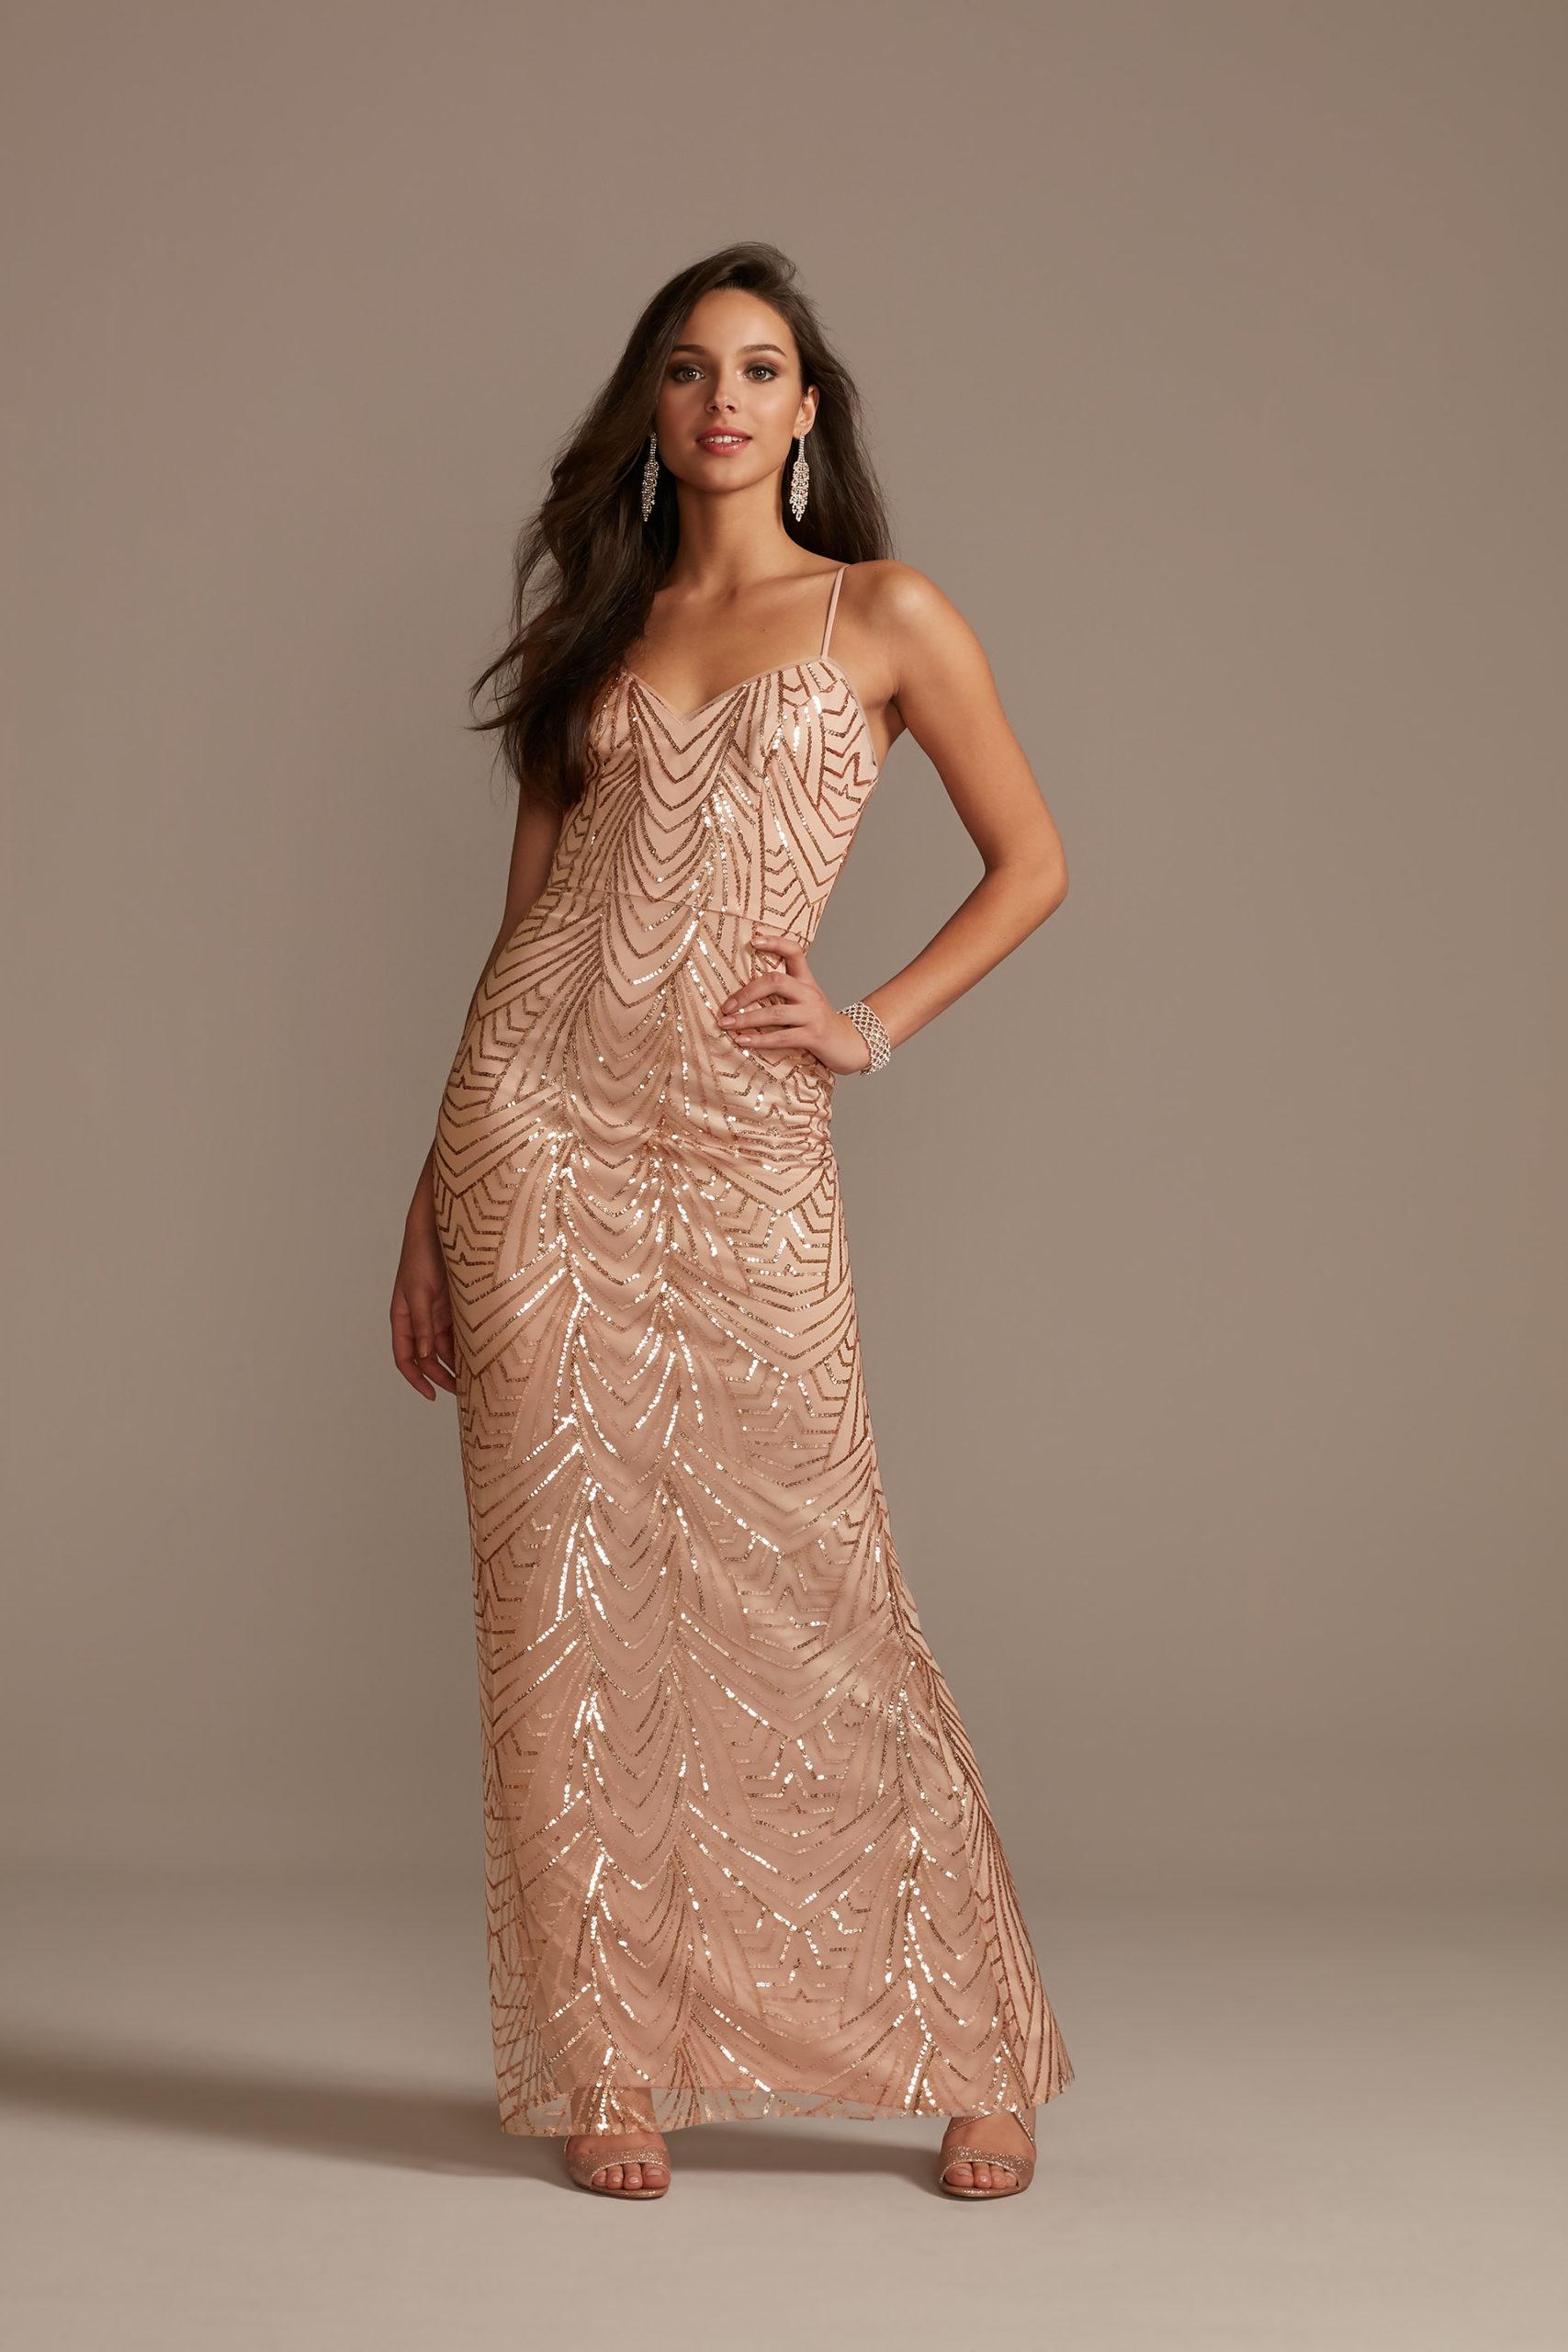 Art Deco Inspired Sequin Dress